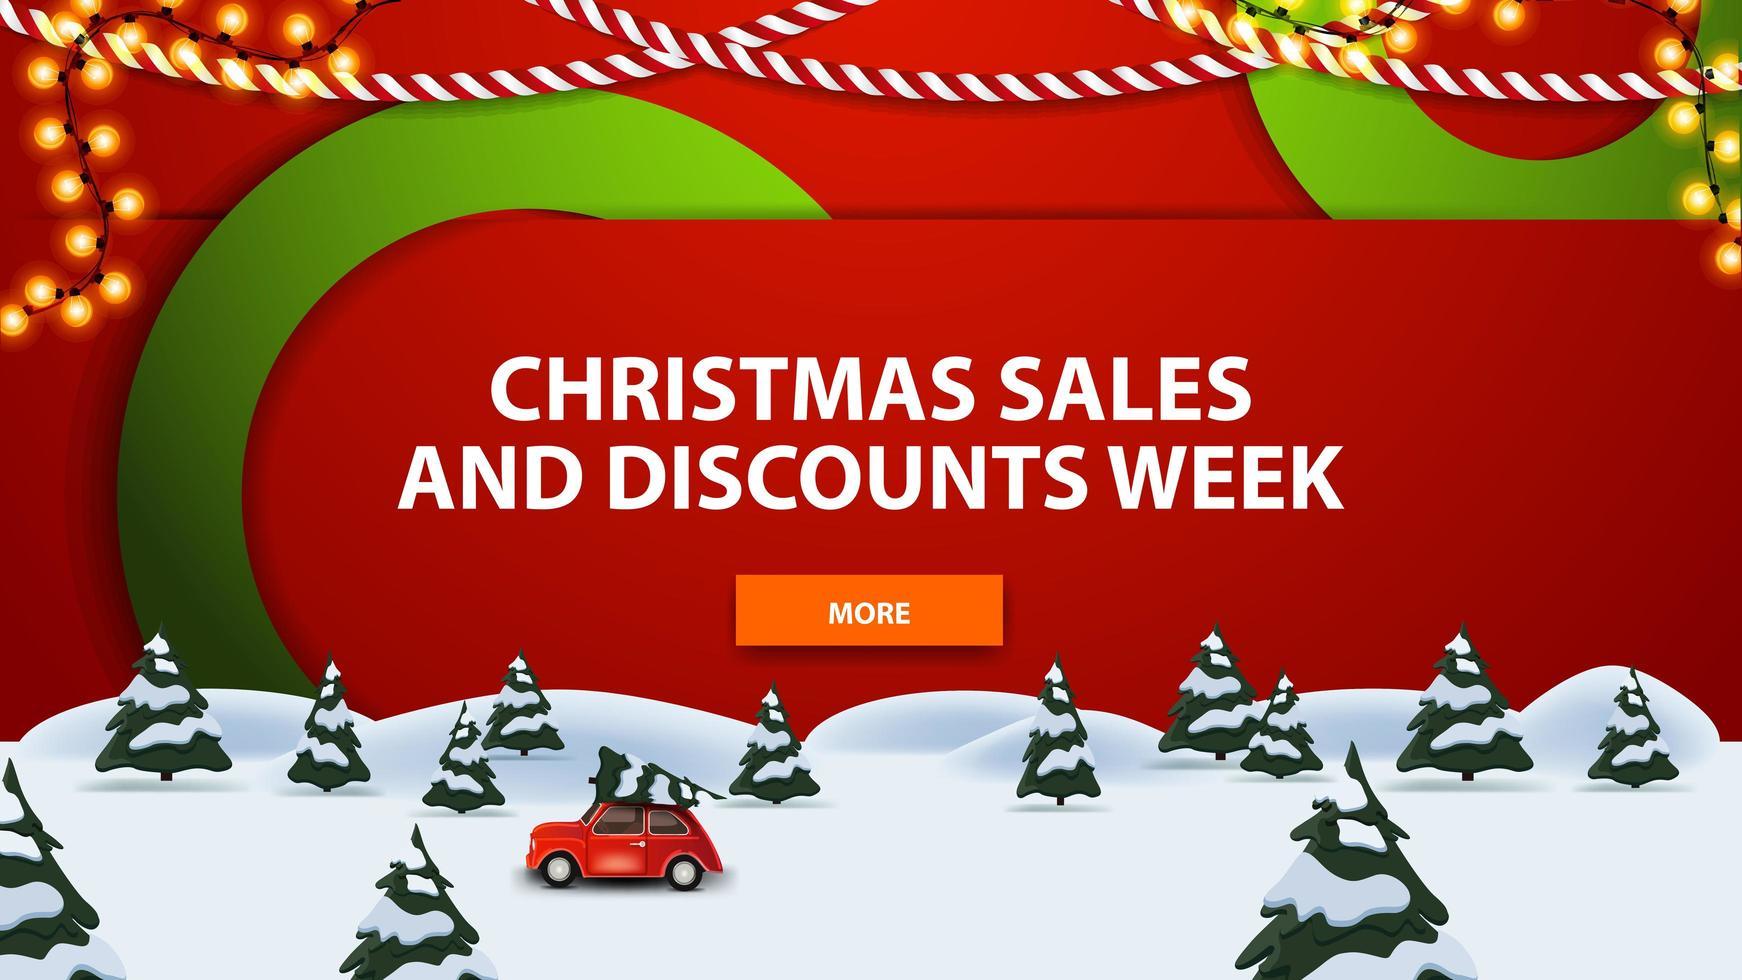 saldi natalizi e settimana di sconti, banner moderno con grandi cerchi verdi che si intrecciano con lo sfondo, foresta di pini invernali e auto d'epoca rossa che trasportano albero di Natale. vettore